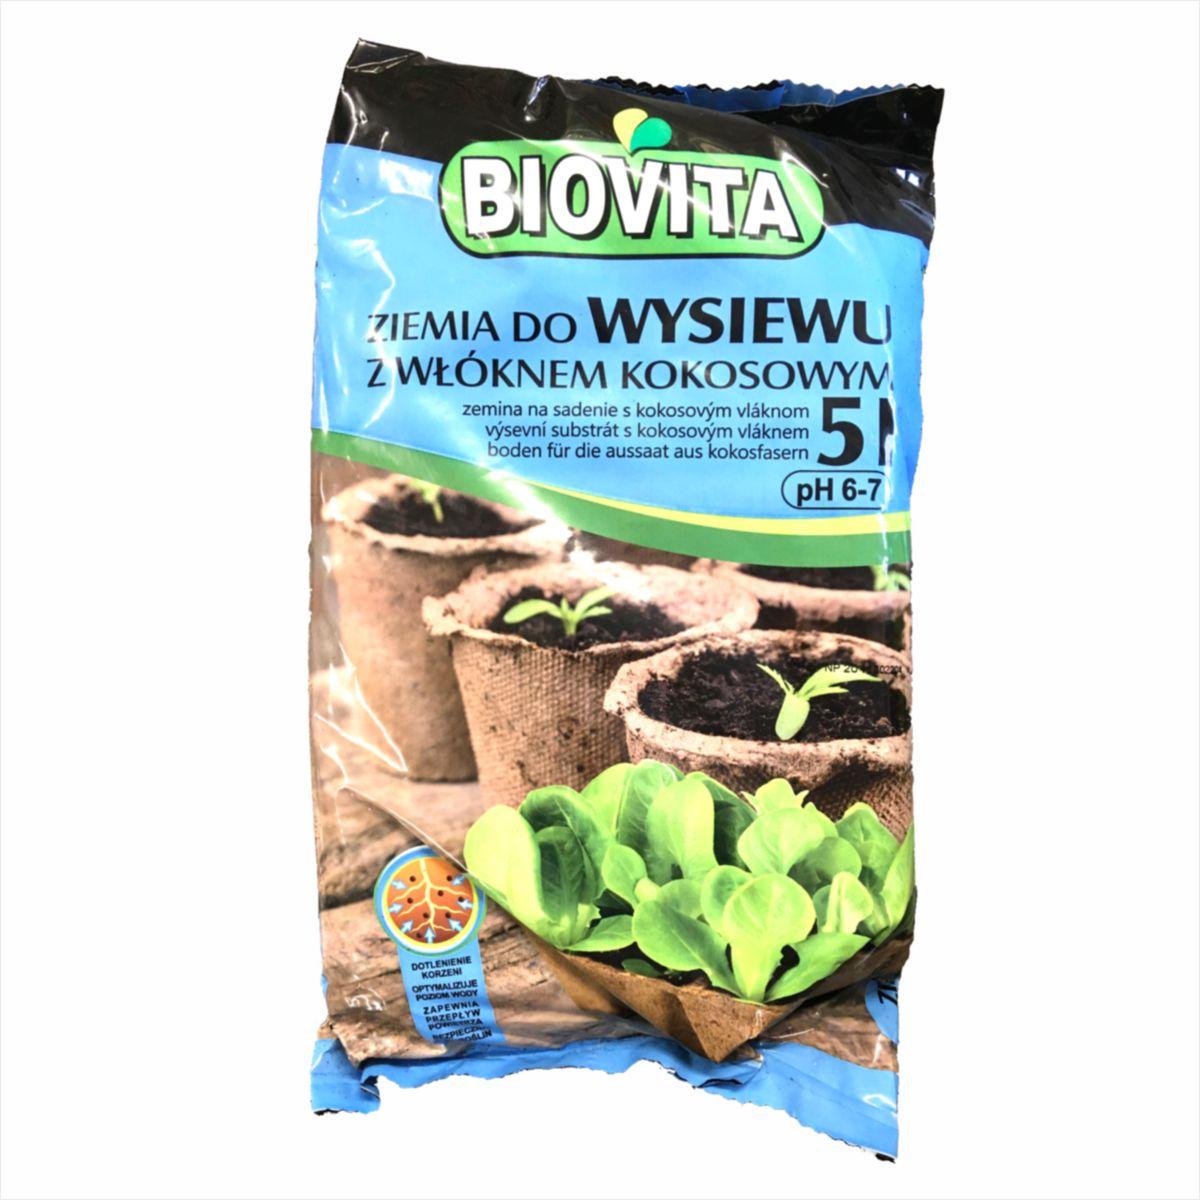 Ziemia do wysiewu Biovita 5 litrów